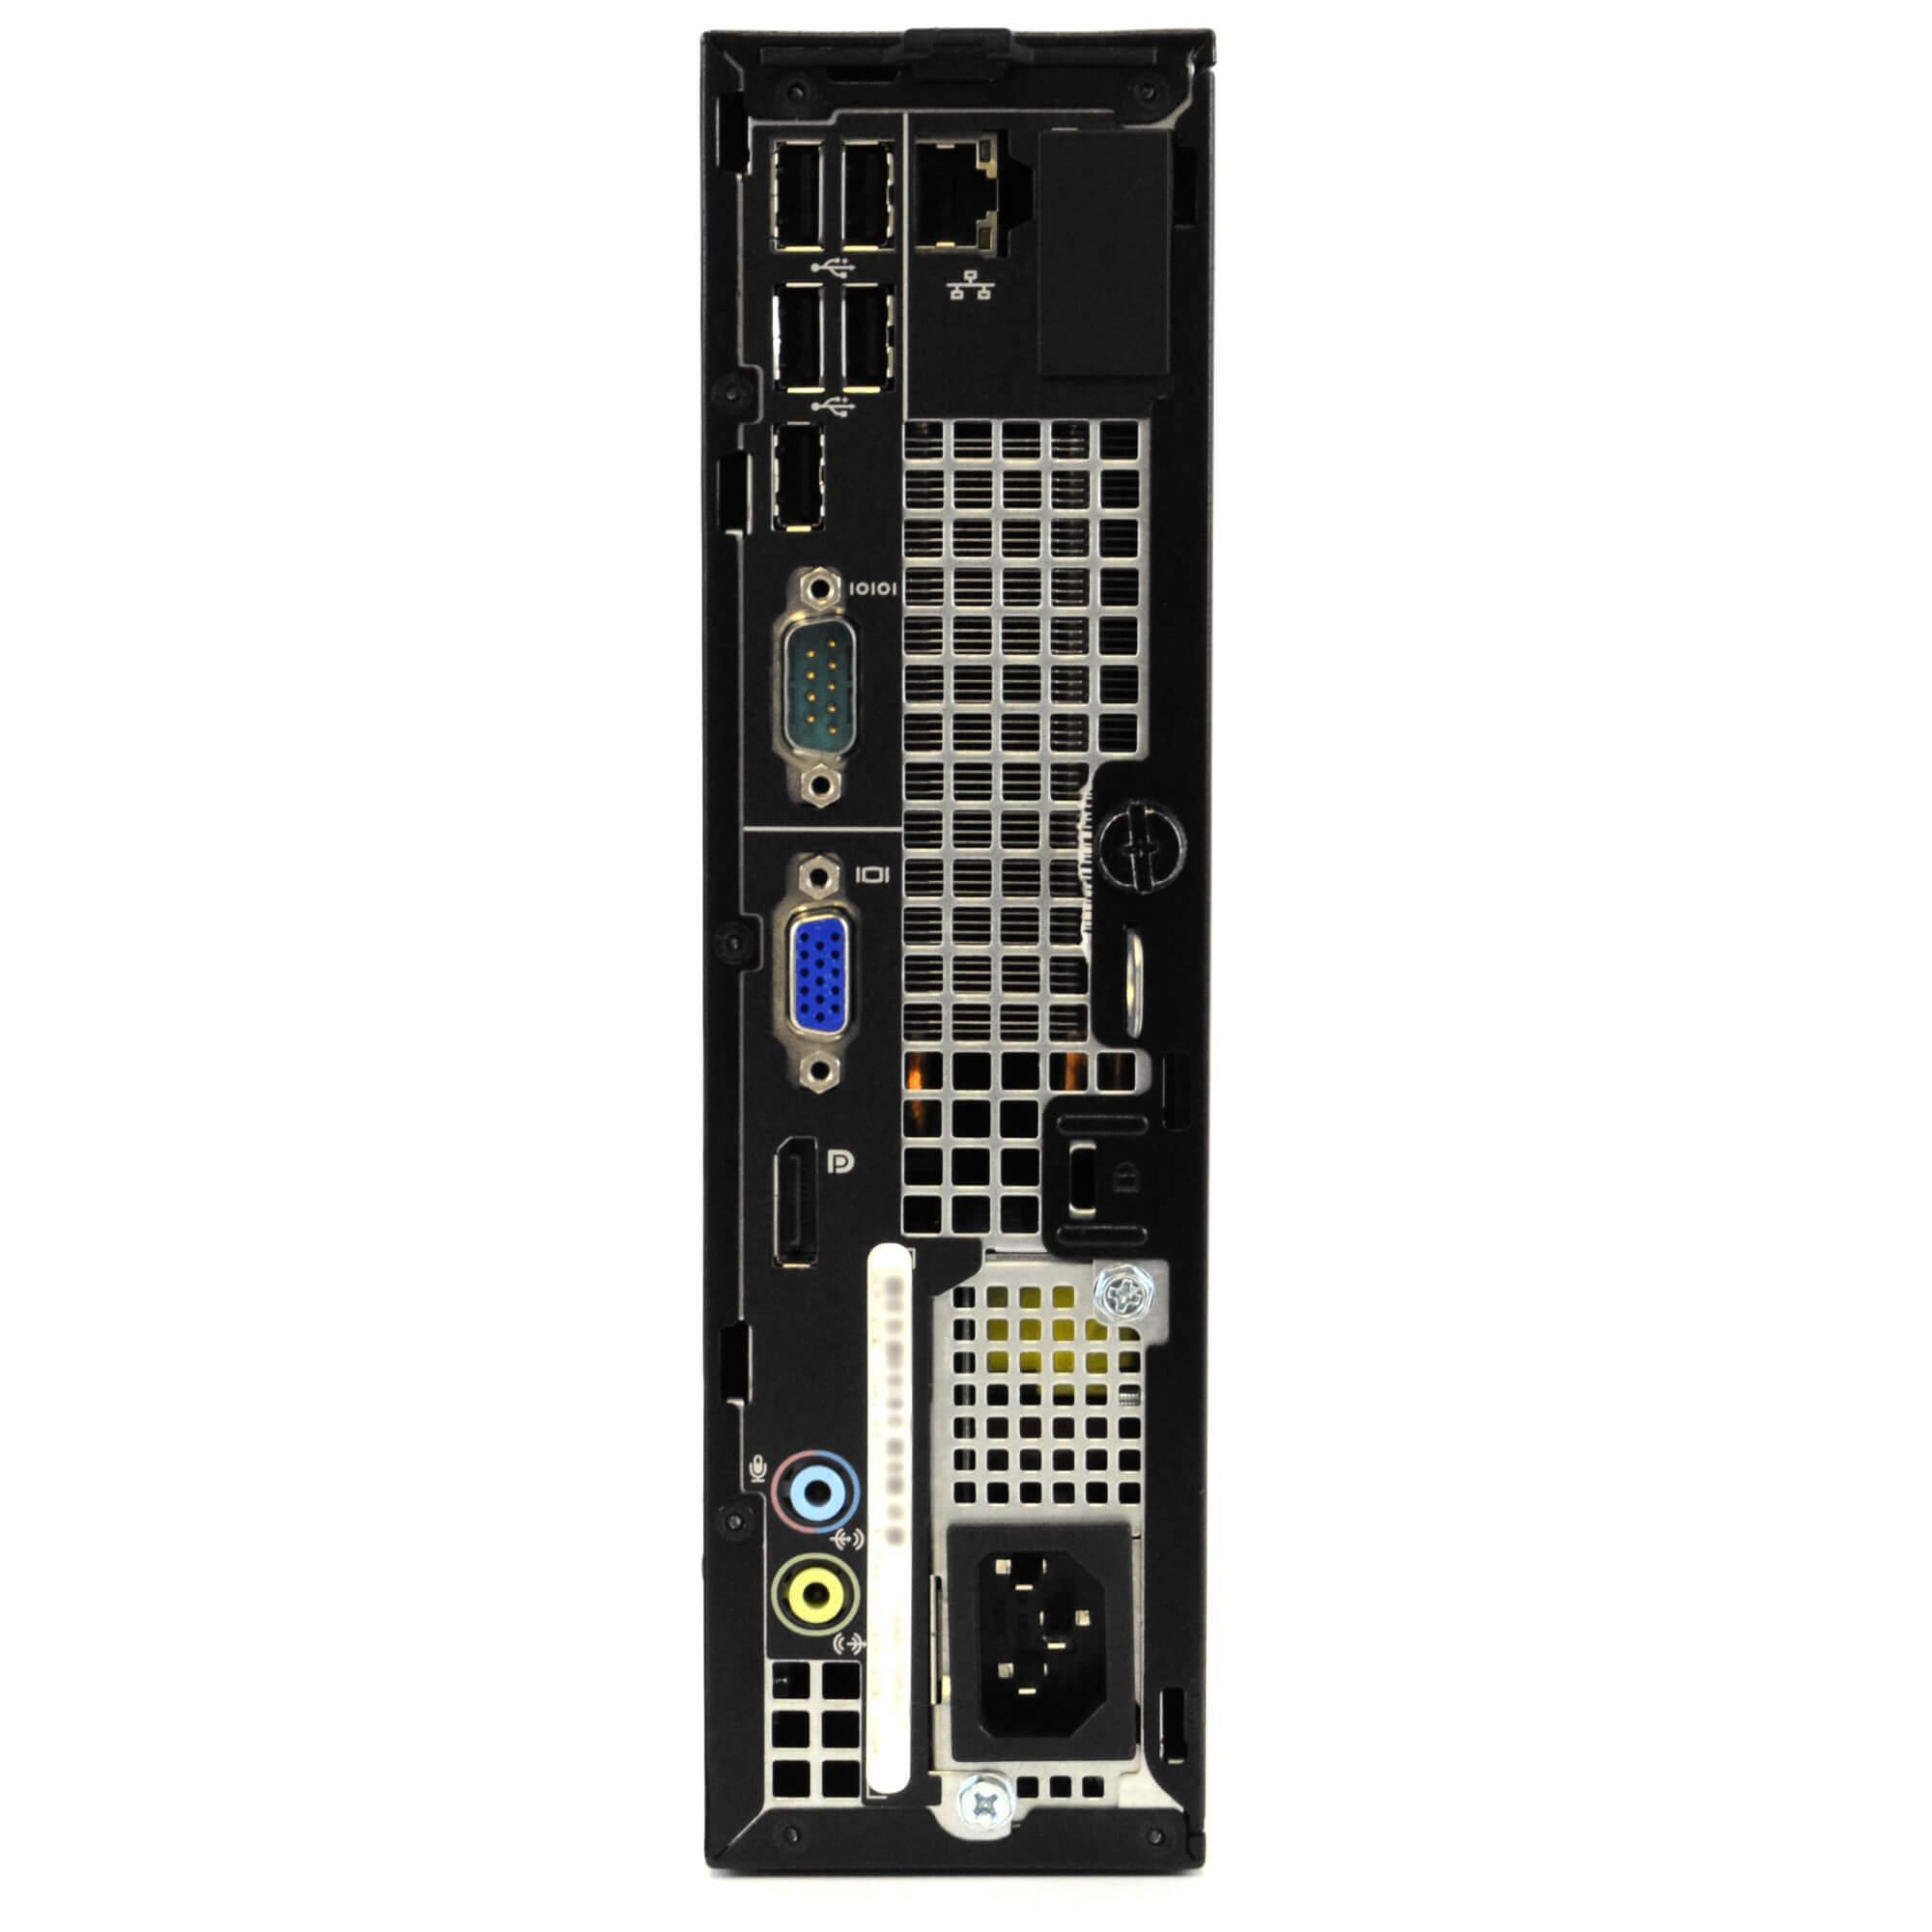 Dell Optiplex 790 USFF Core i5 2.5 GHz - HDD 250 GB RAM 2GB